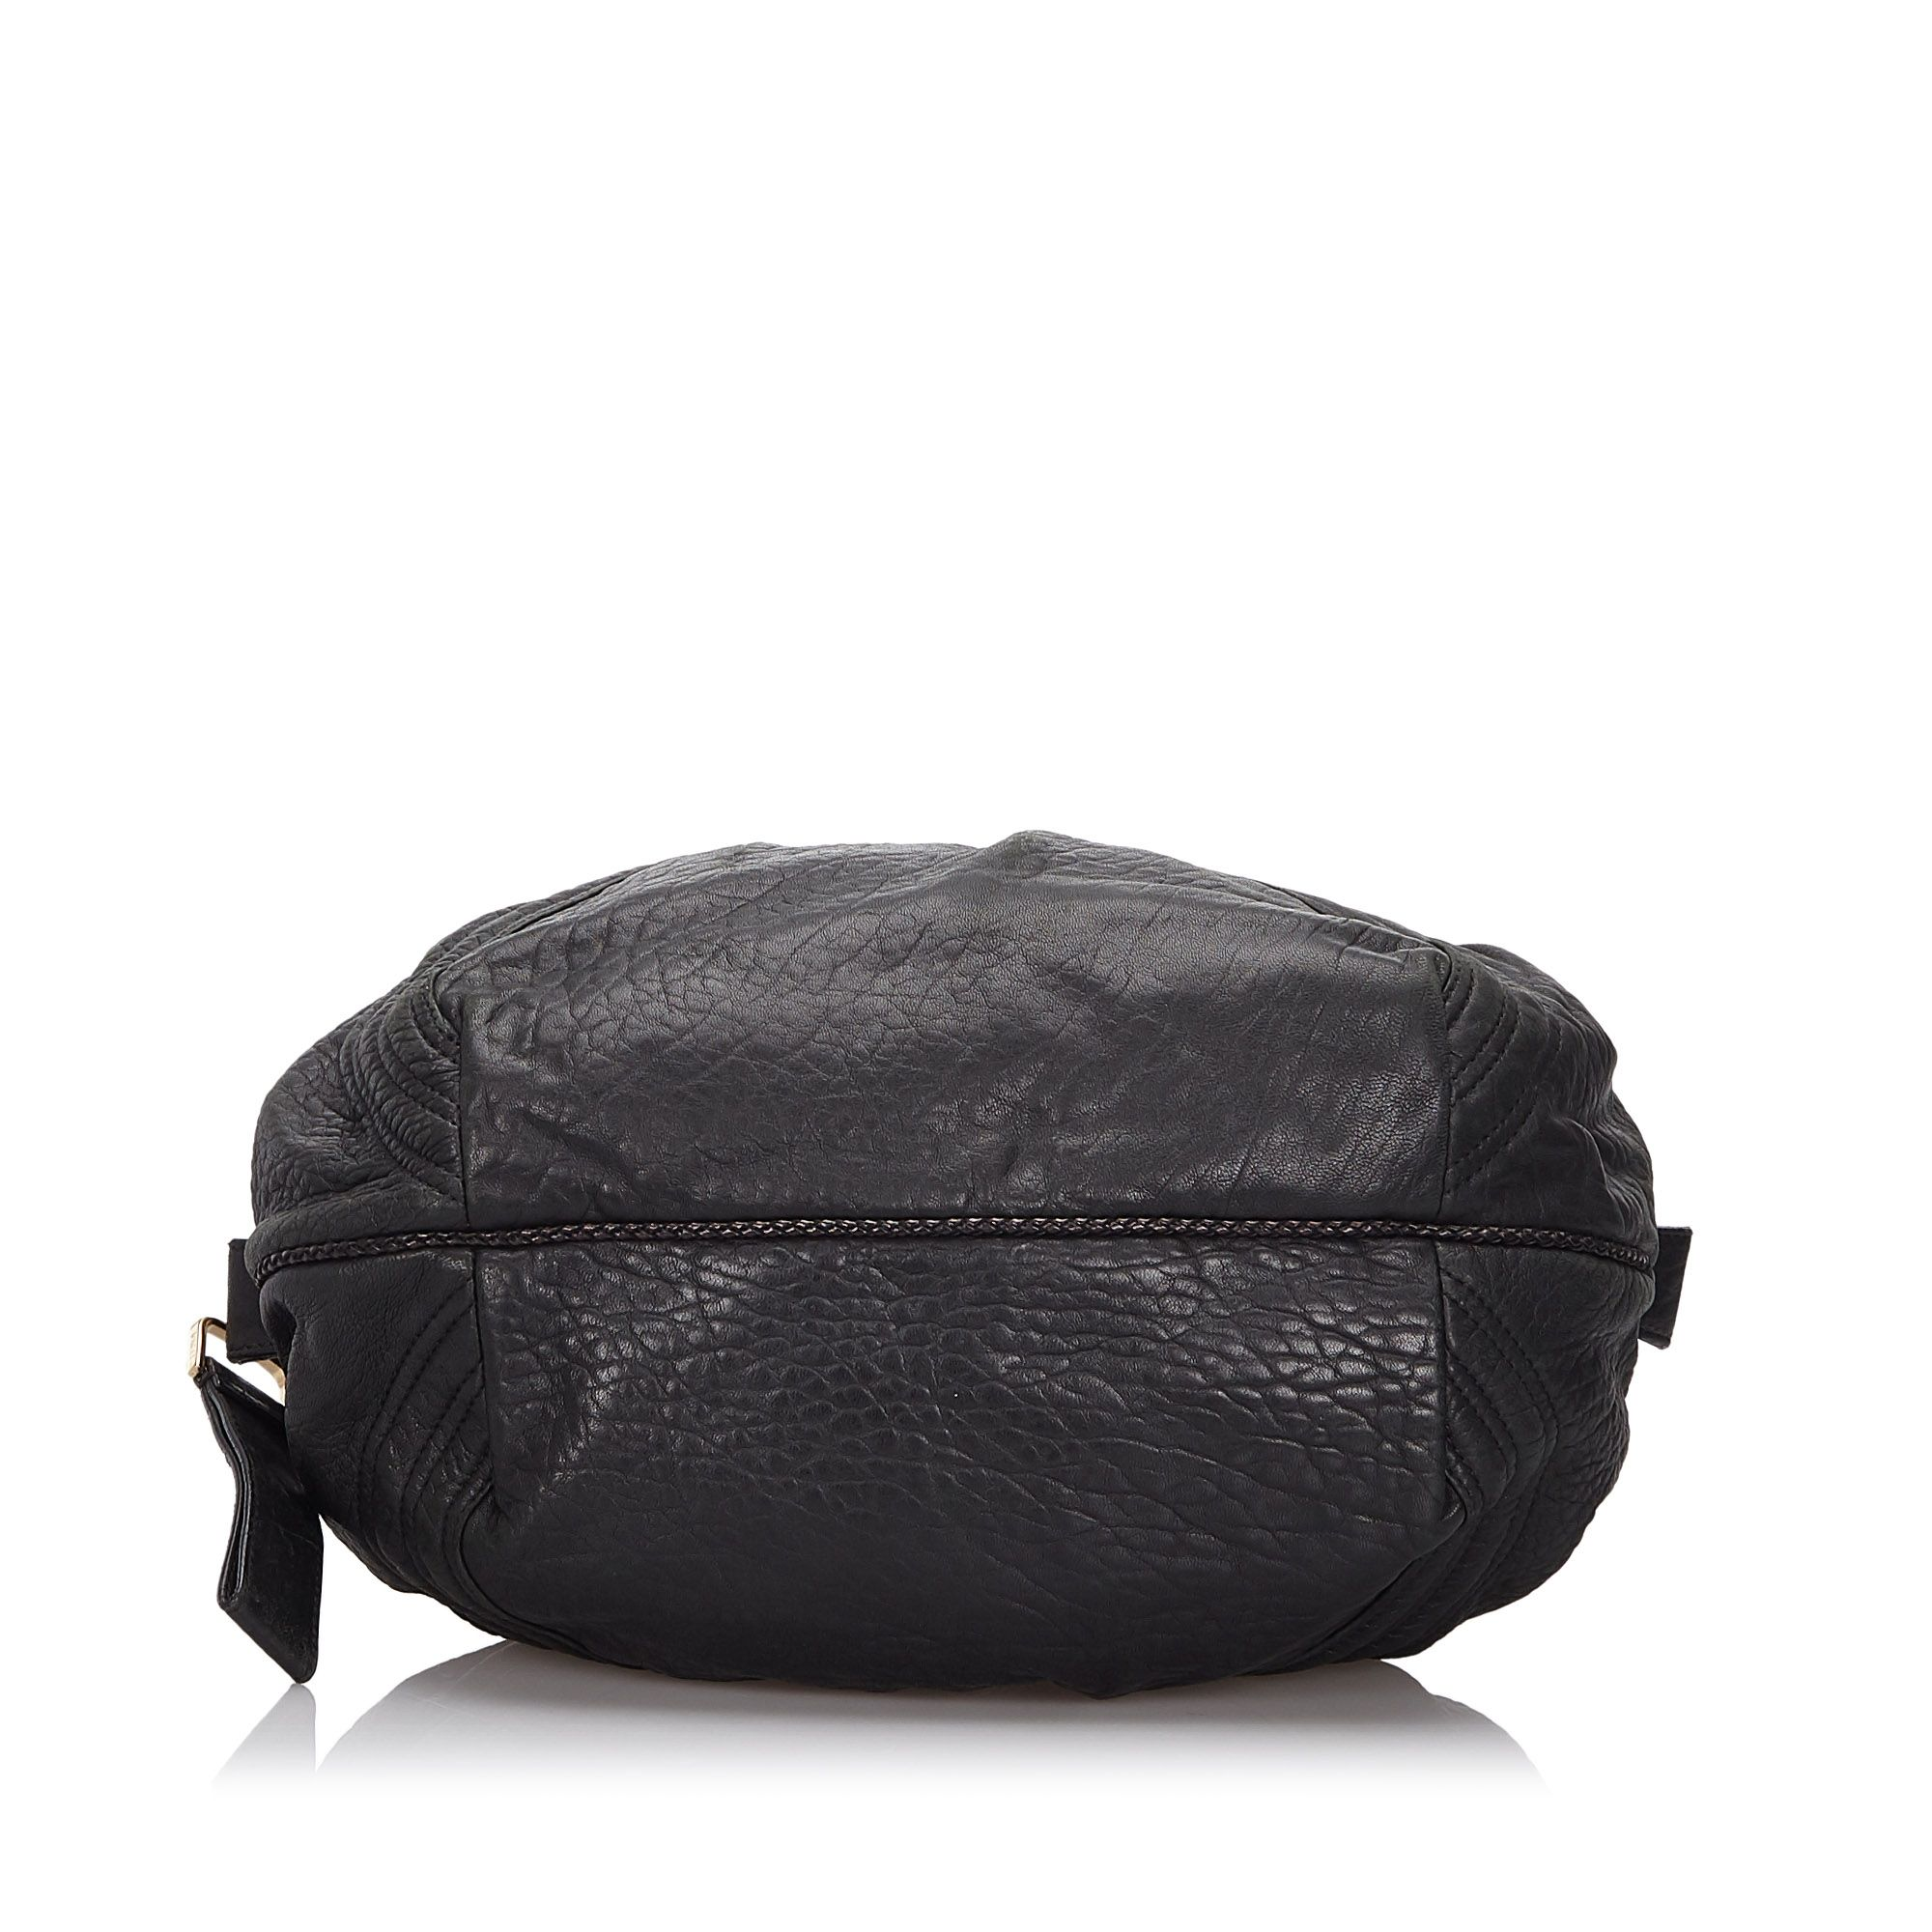 Vintage Fendi Leather Mini Spy Hobo Bag Black